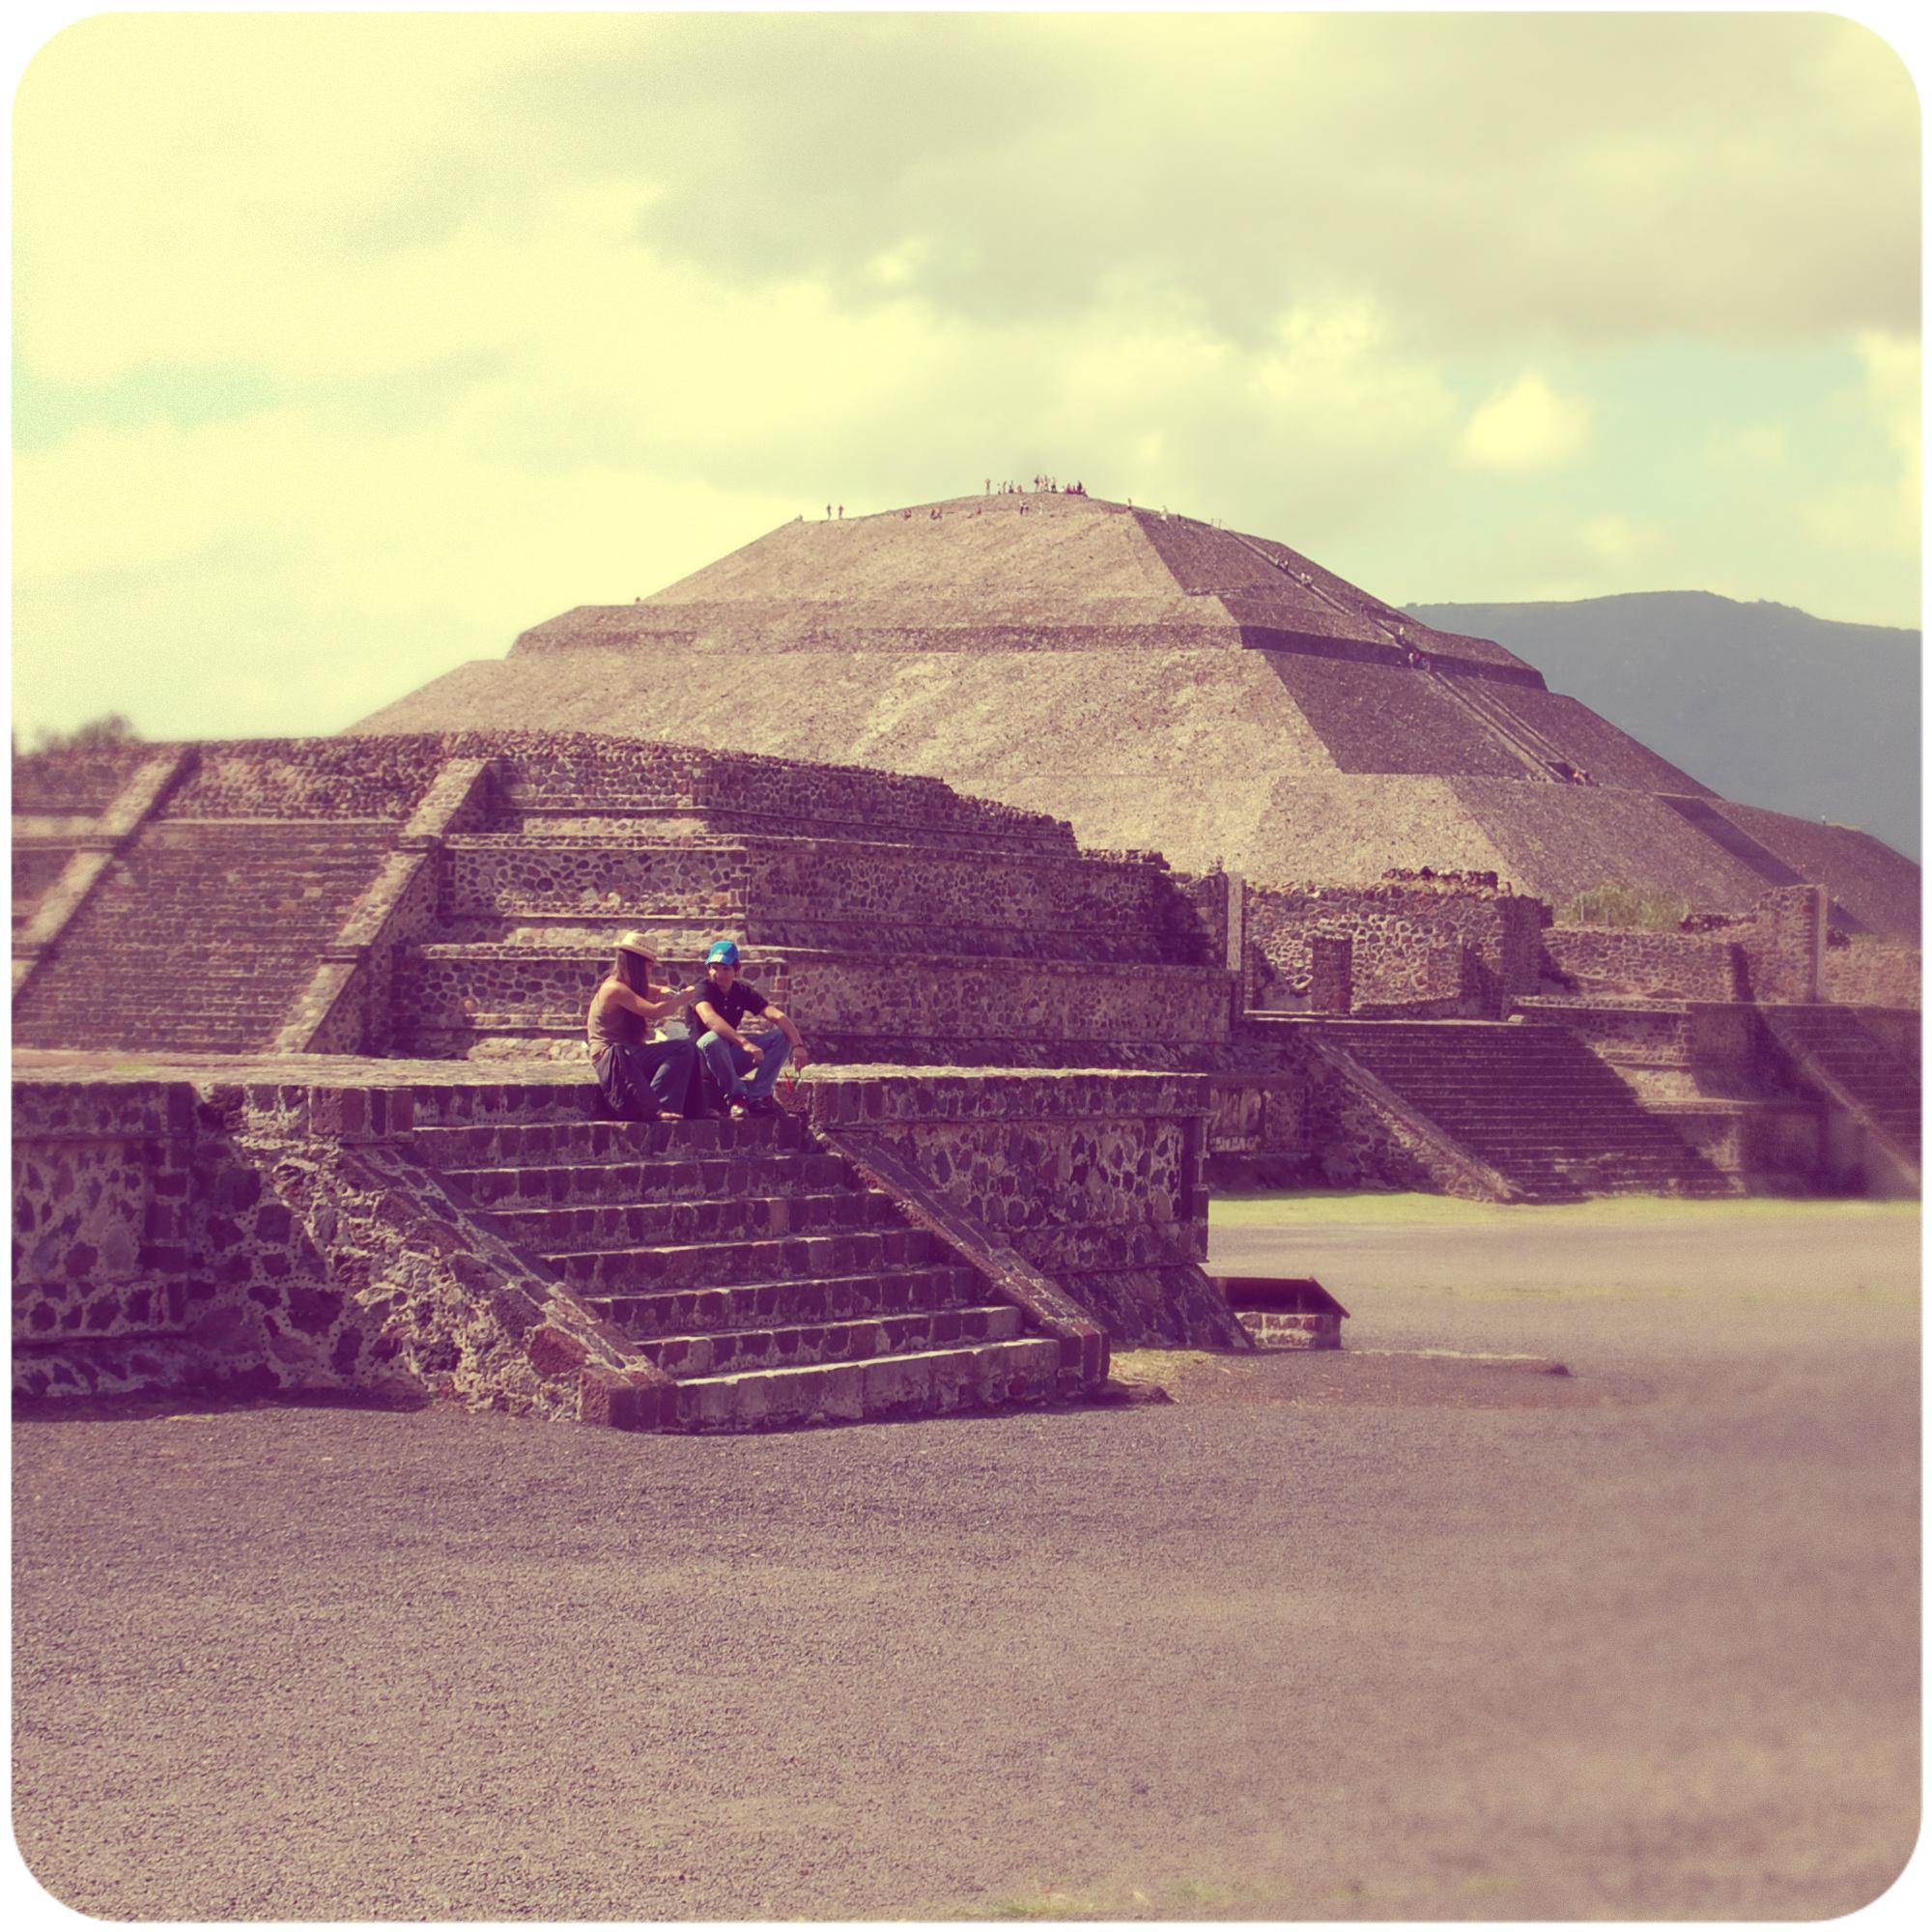 墨西哥城 第二章 – P H O T O. N O. M A D.